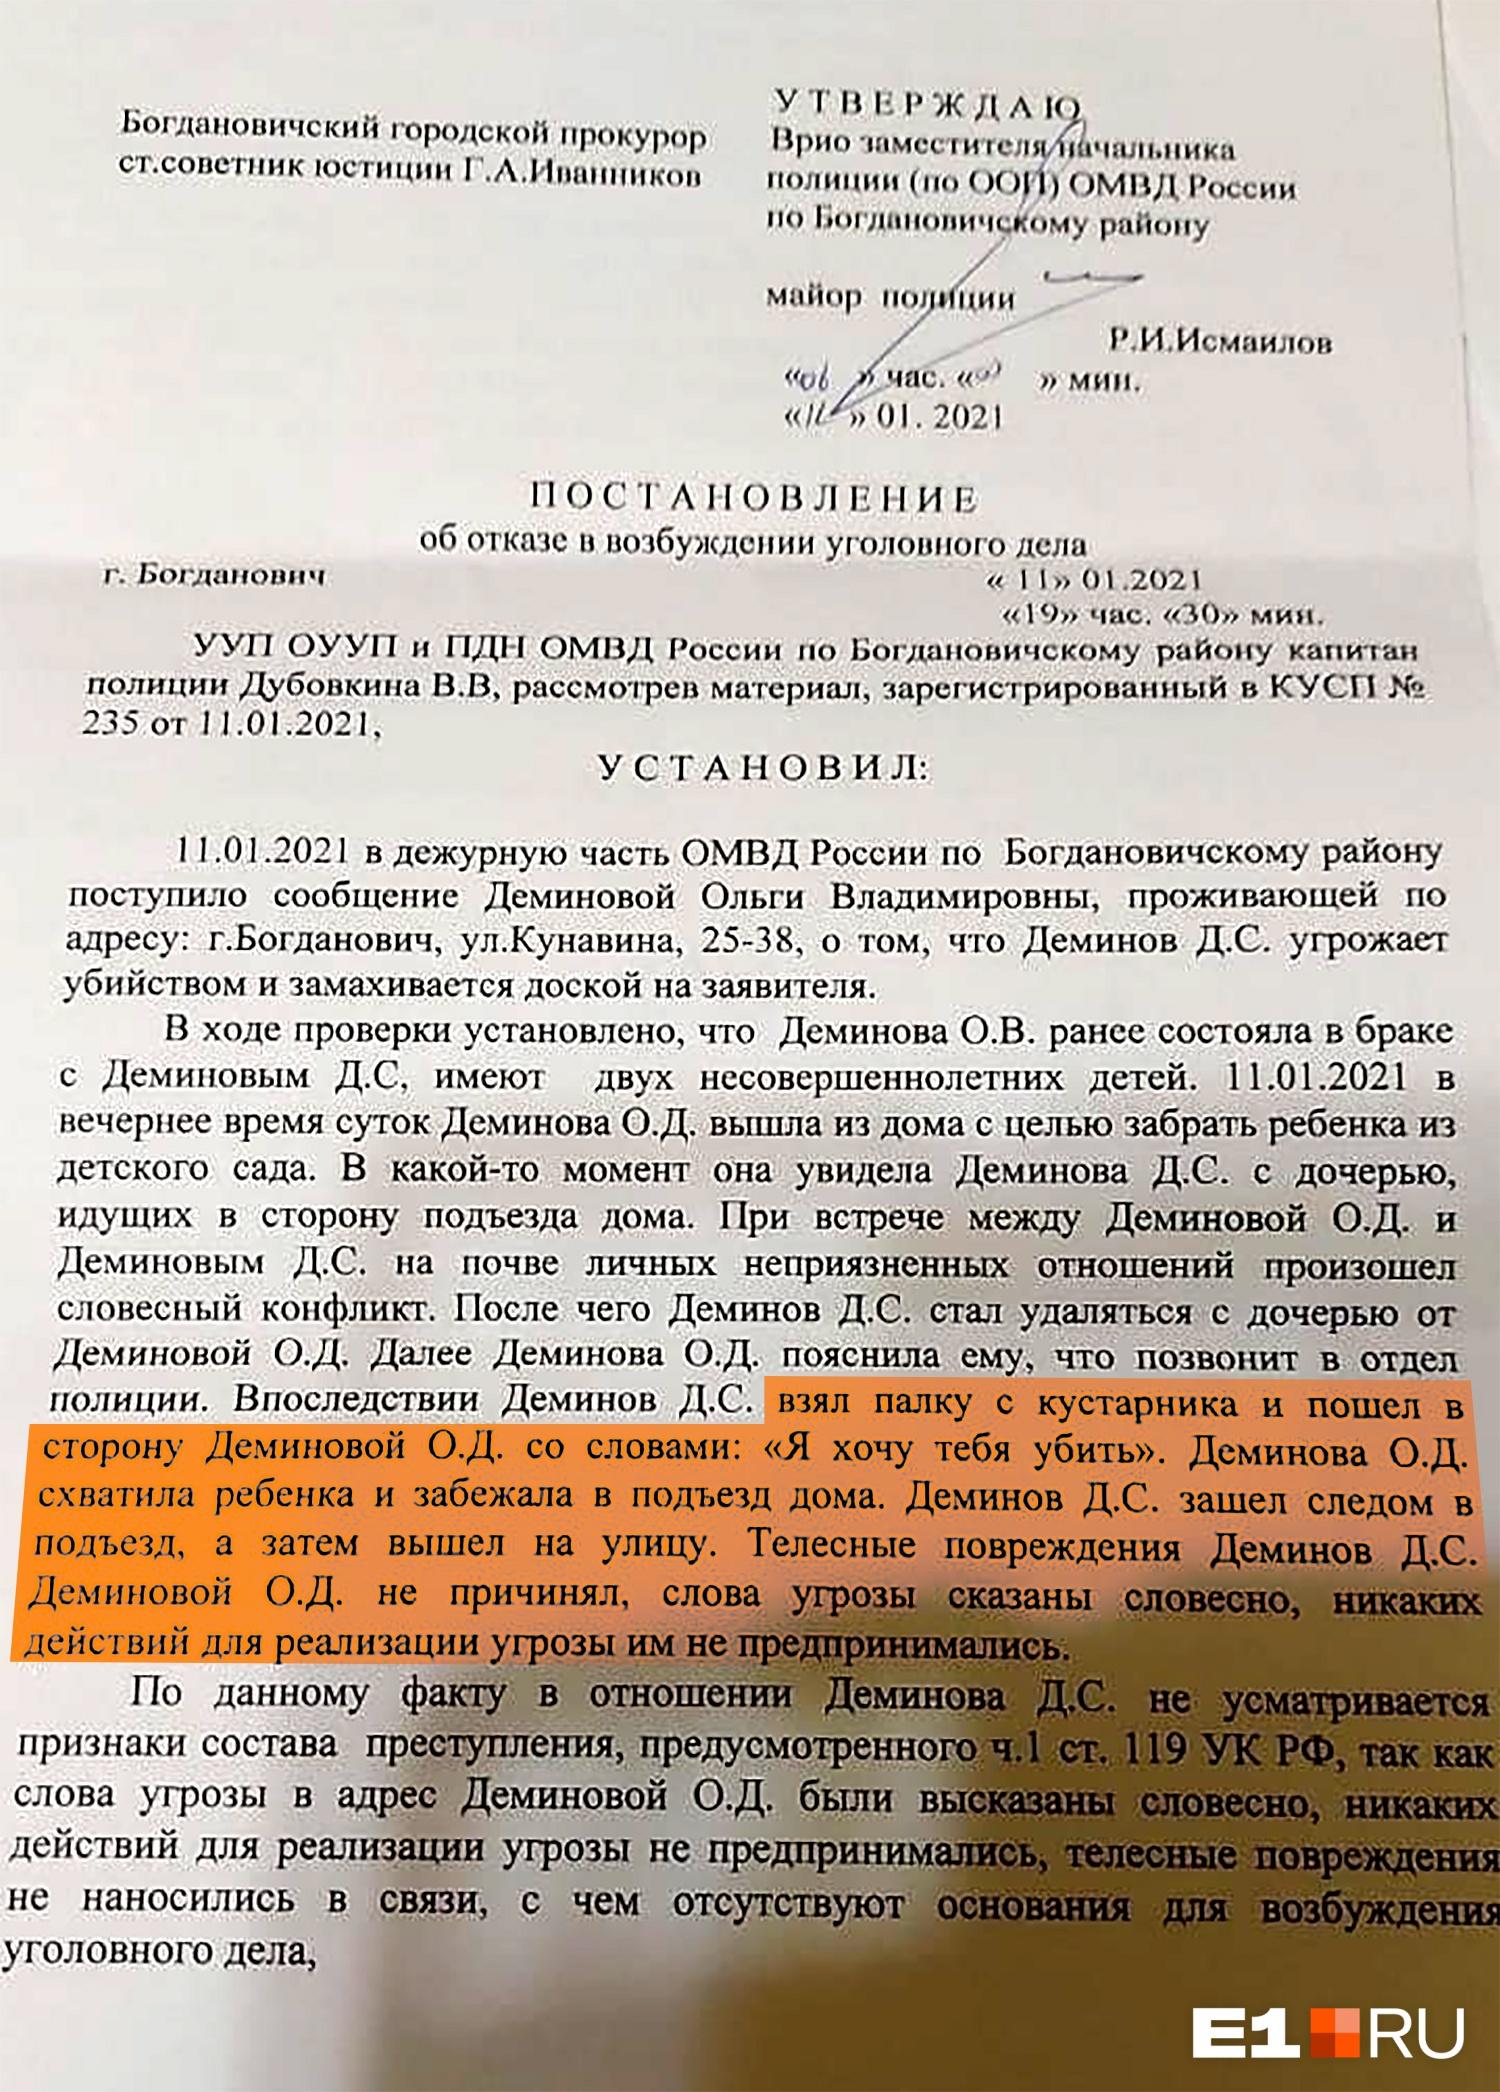 Отказались возбуждать дело об угрозе убийством, потому что «телесные повреждения Дмитрий Ольге не причинял, слова угрозы сказаны словесно, никакие действия для реализации угроз им не предпринимались»